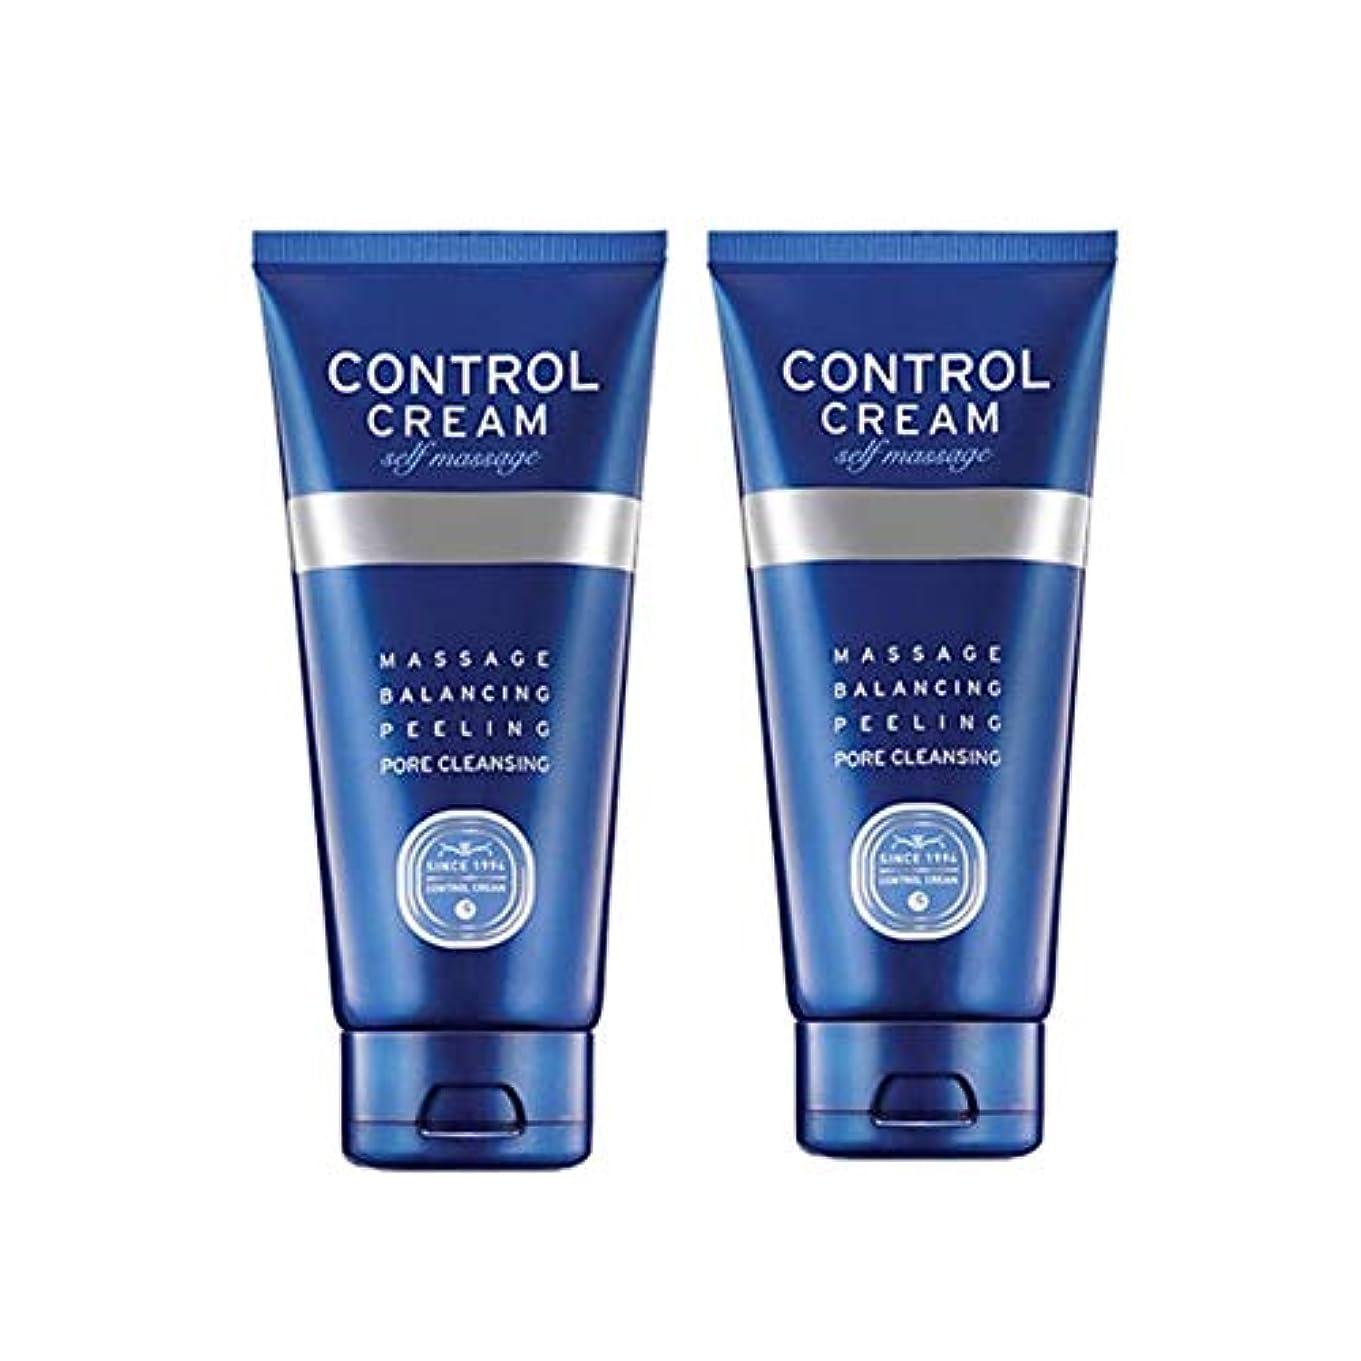 理容室少ない日常的にチャムジョンコントロールクリームセルフマッサージ150ml x 2本セット、Charmzone Control Cream Self Massage 150ml x 2ea Set [並行輸入品]